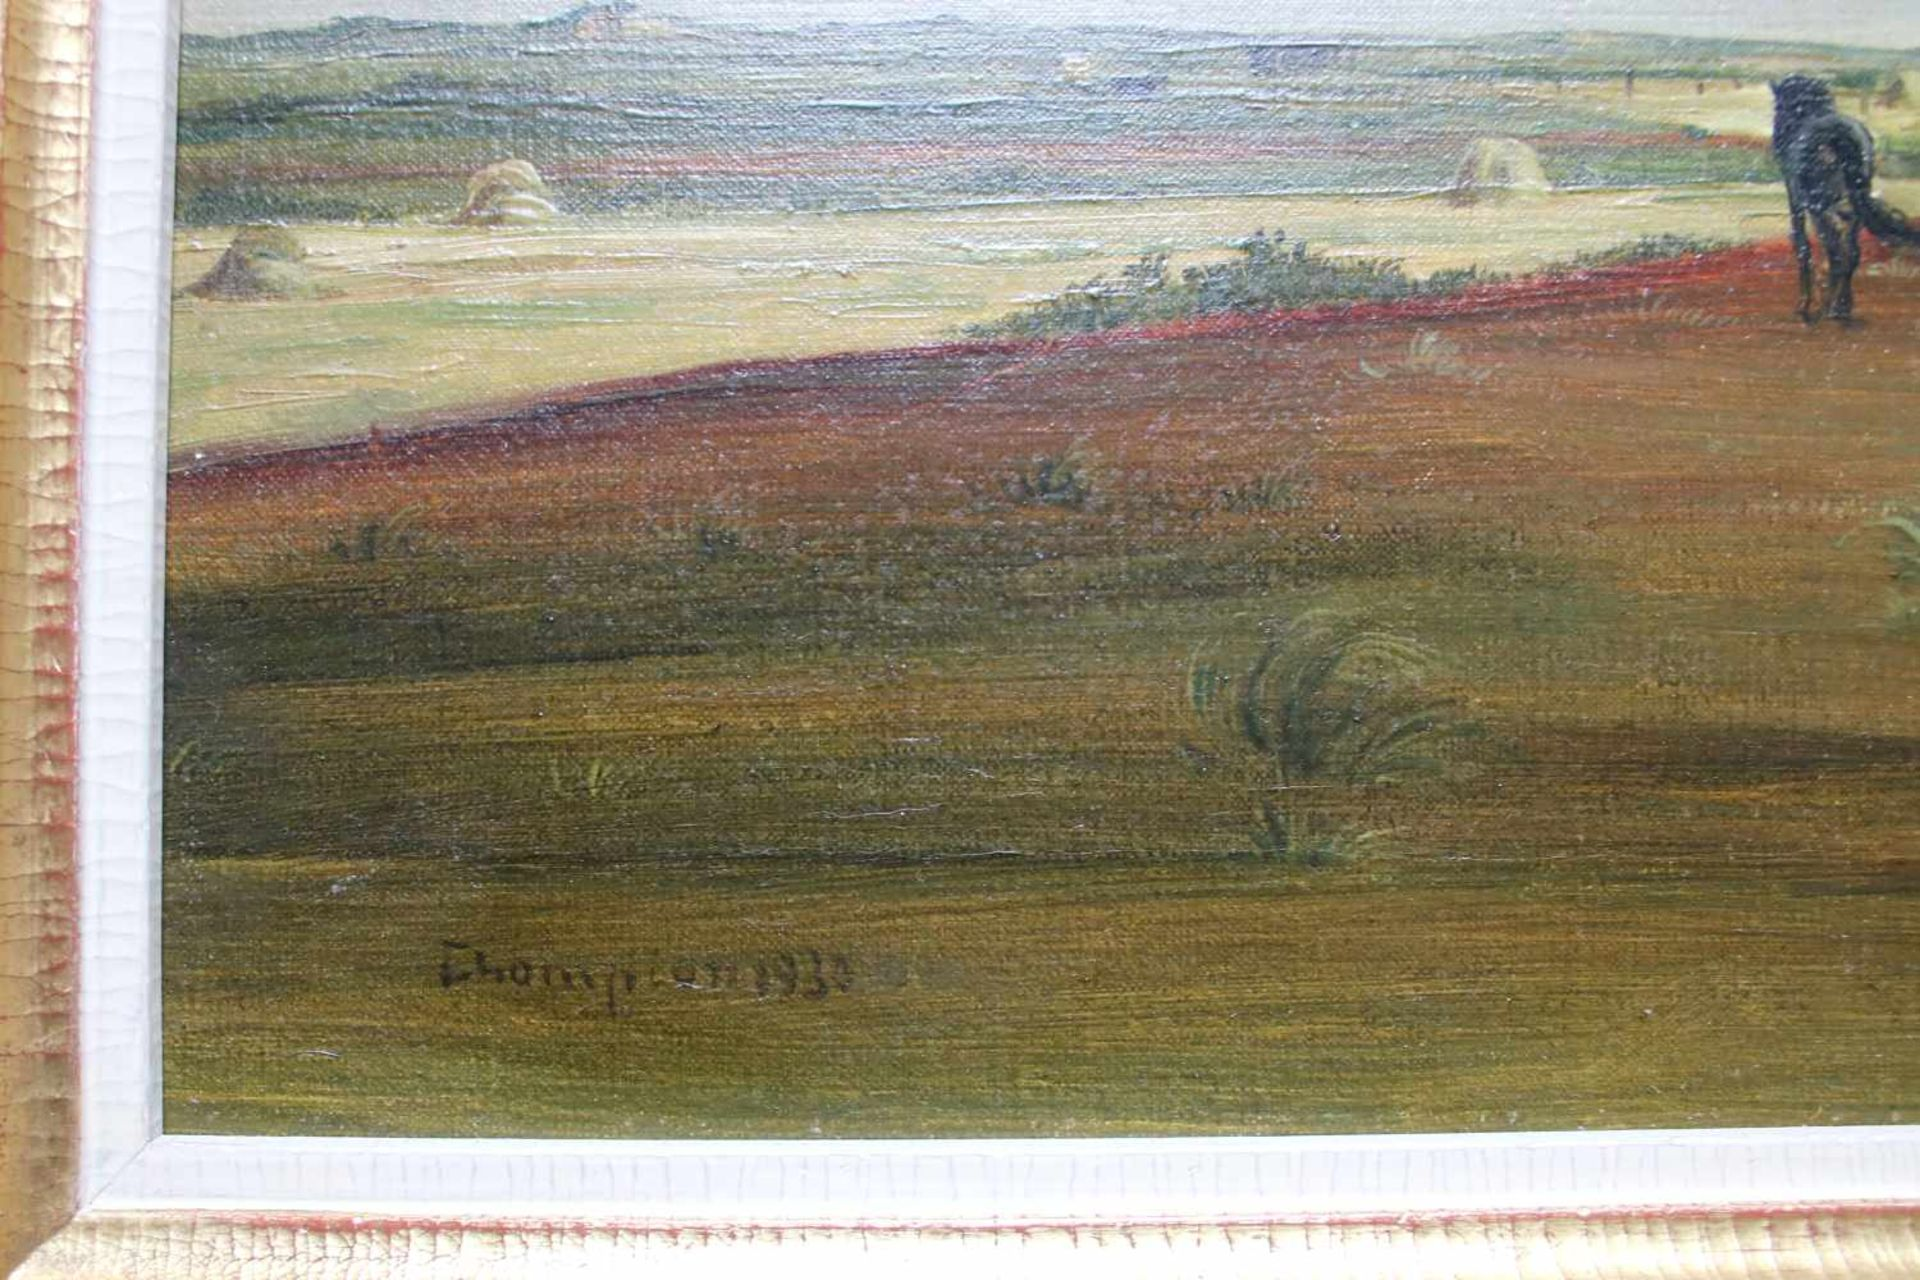 Theo Champion (1887 - 1952) Feldarbeit 1930 Öl auf Leinwand Signiert und datiert 42 x 54,5 cm - Bild 2 aus 2